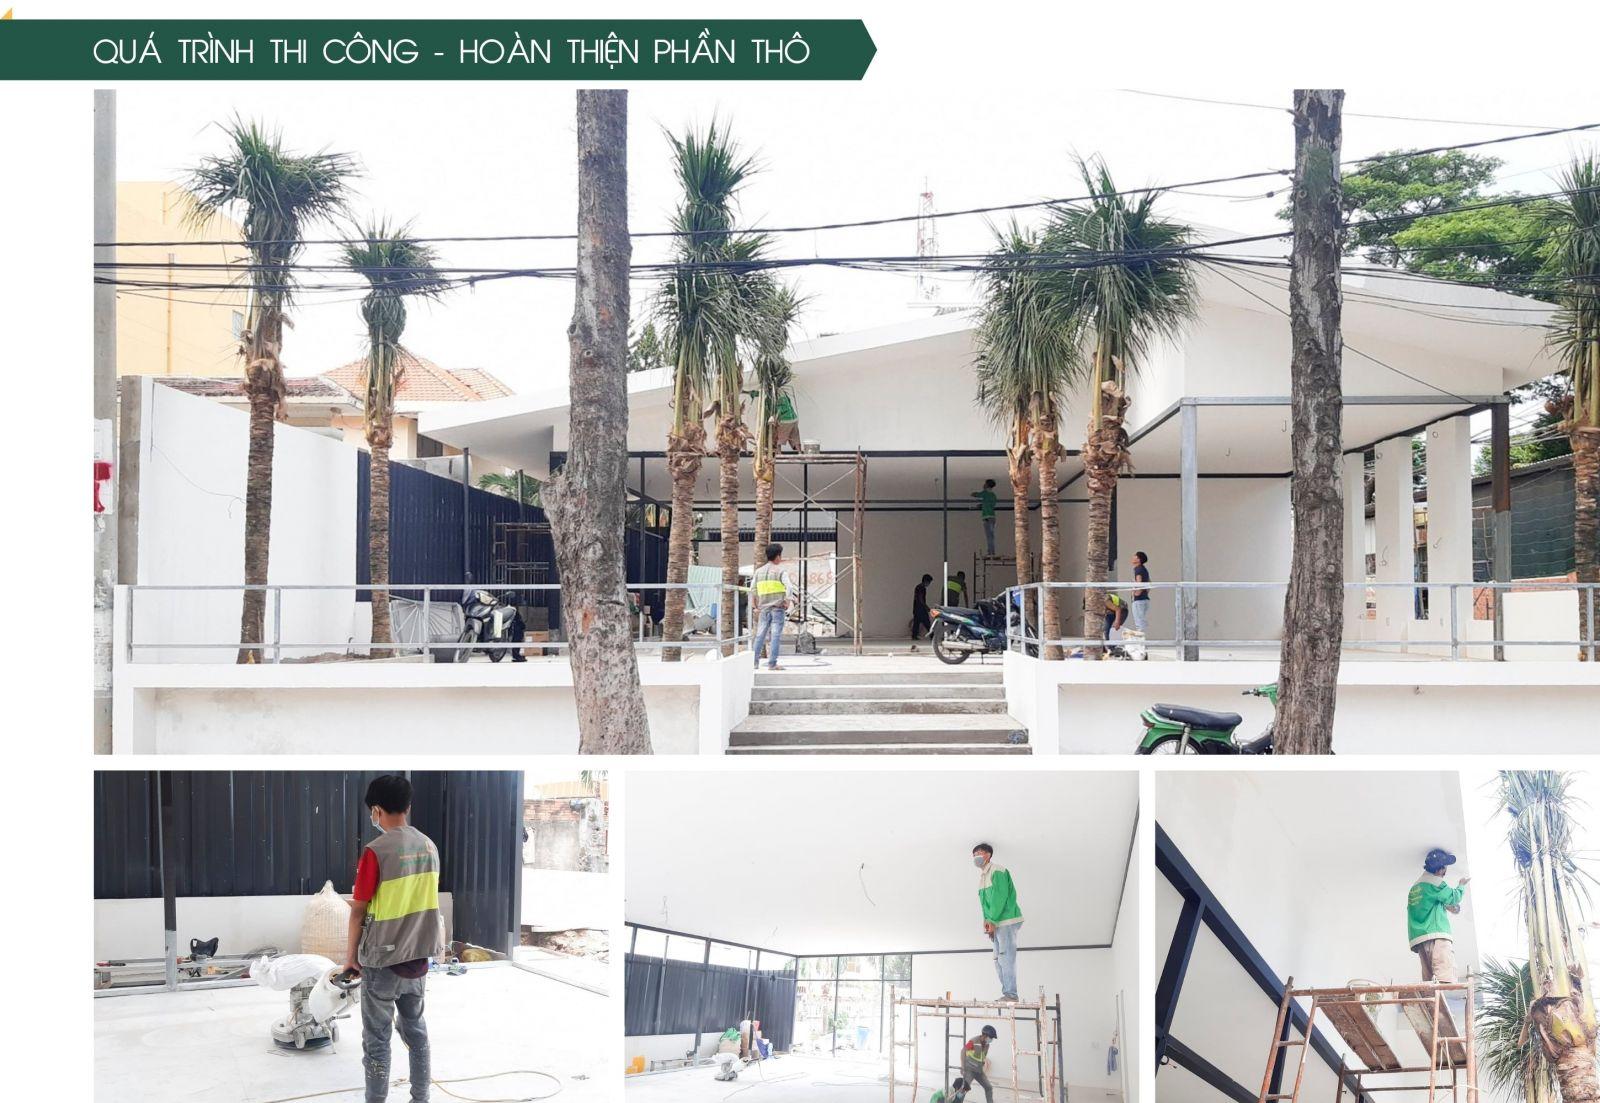 qua-trinh-thi-cong-quan-cafe-palma-the-garden-cafe-vung-tau-2